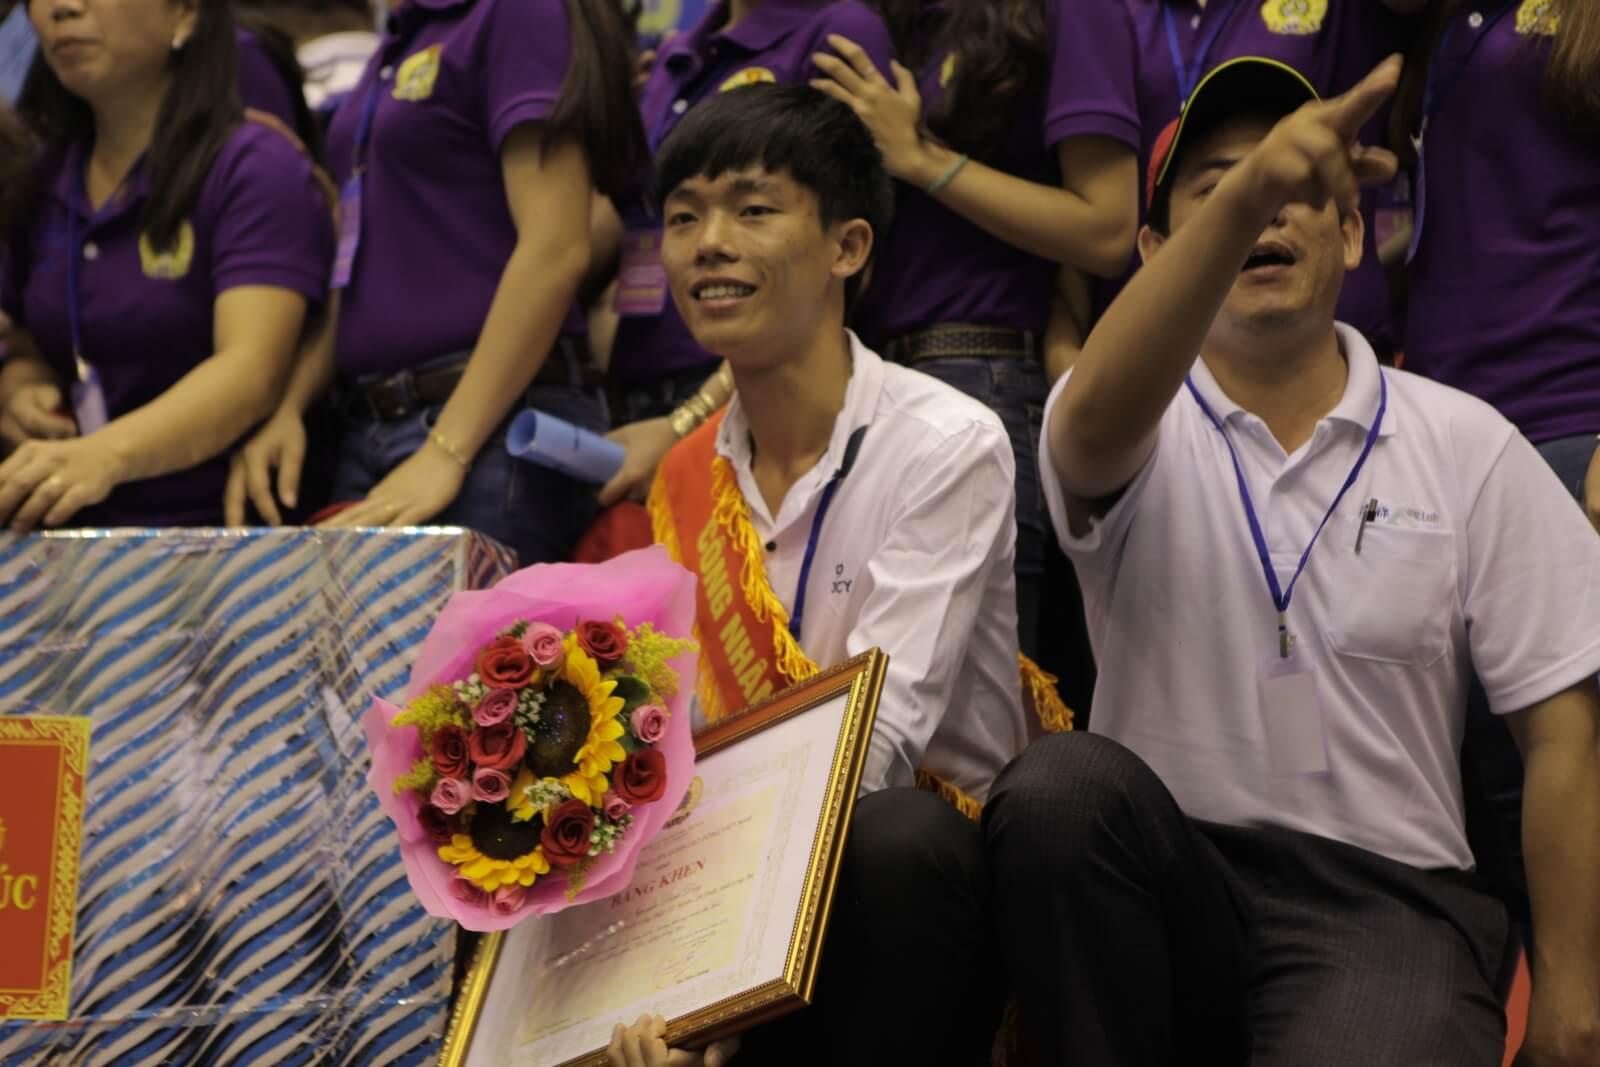 Anh Nguyễn Đình Duy (Công nhân xuất sắc) với bằng khen của Thủ Tướng Nguyễn Xuân Phúc trao tặng trên tay.